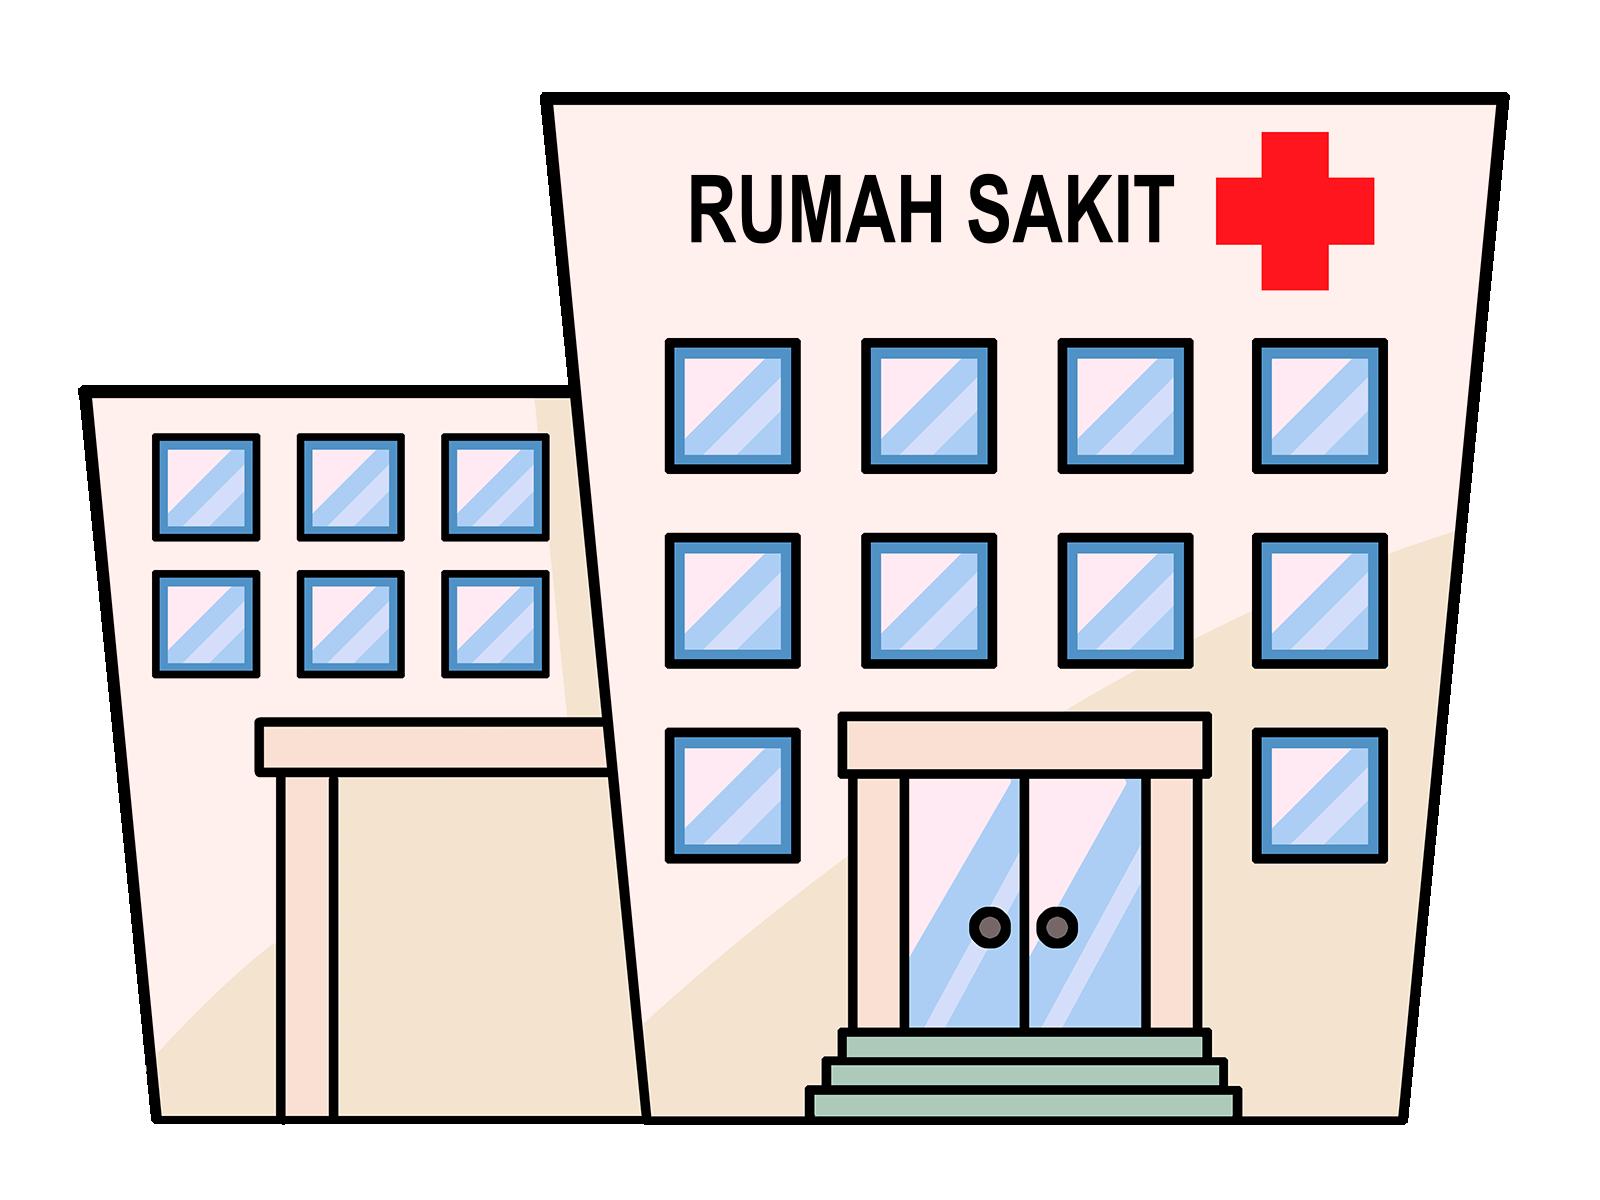 Ingat Tanpa BPJS Tetap Bisa Berobat Di RS Andi Makkasau Pijar News